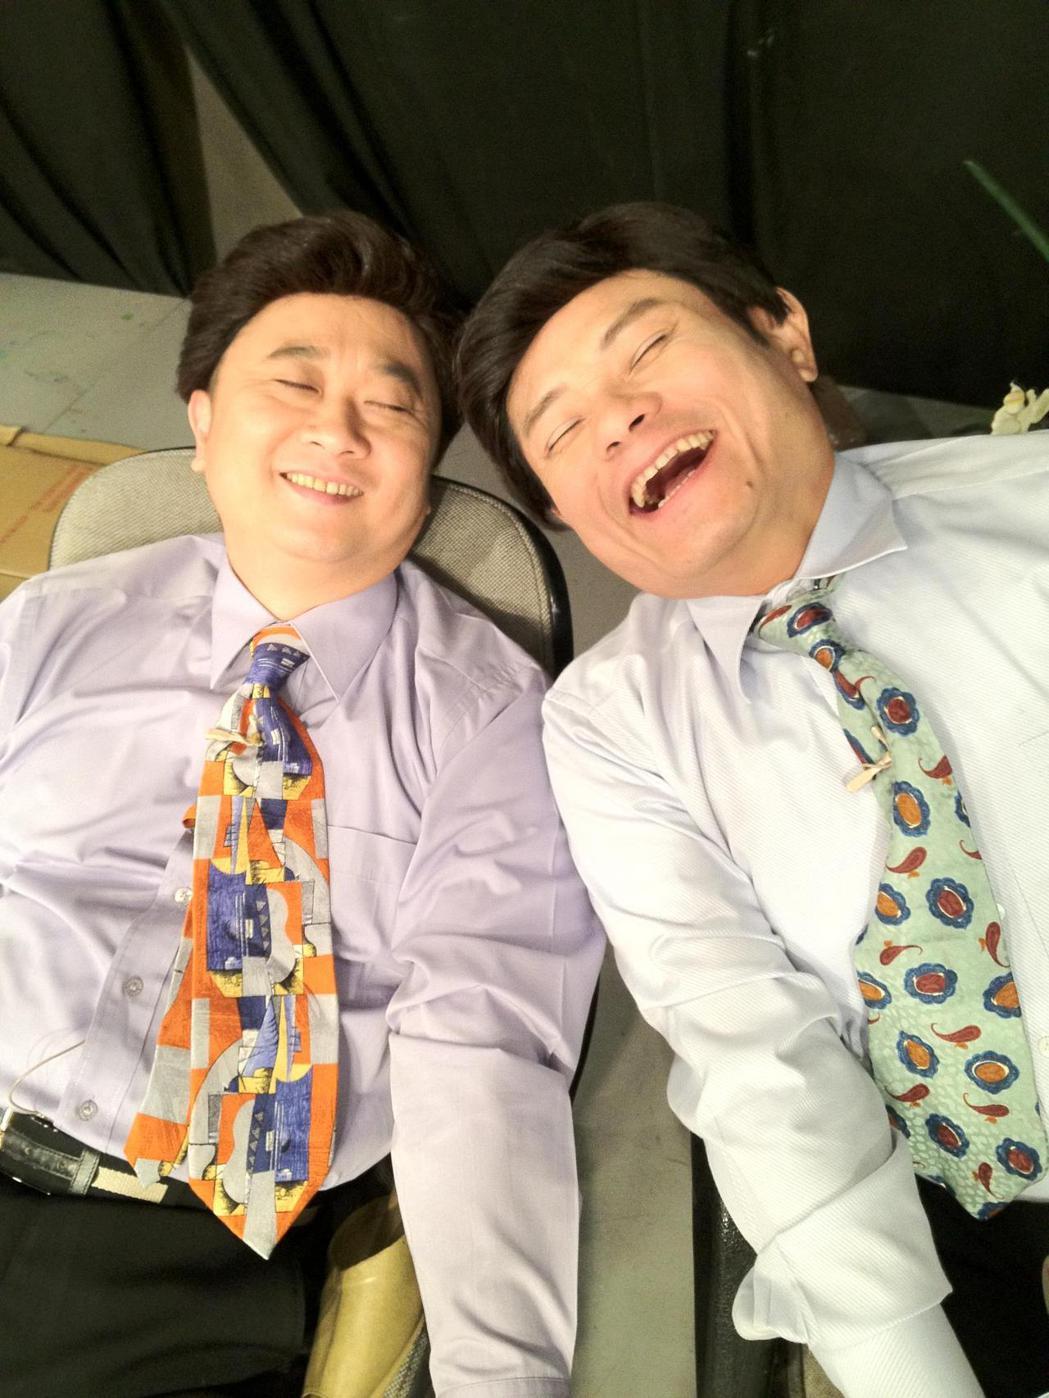 許效舜(右)當年跟邰智源合作無間的演過許多叫好叫座的搞笑短劇。圖/瘋神無雙粉專